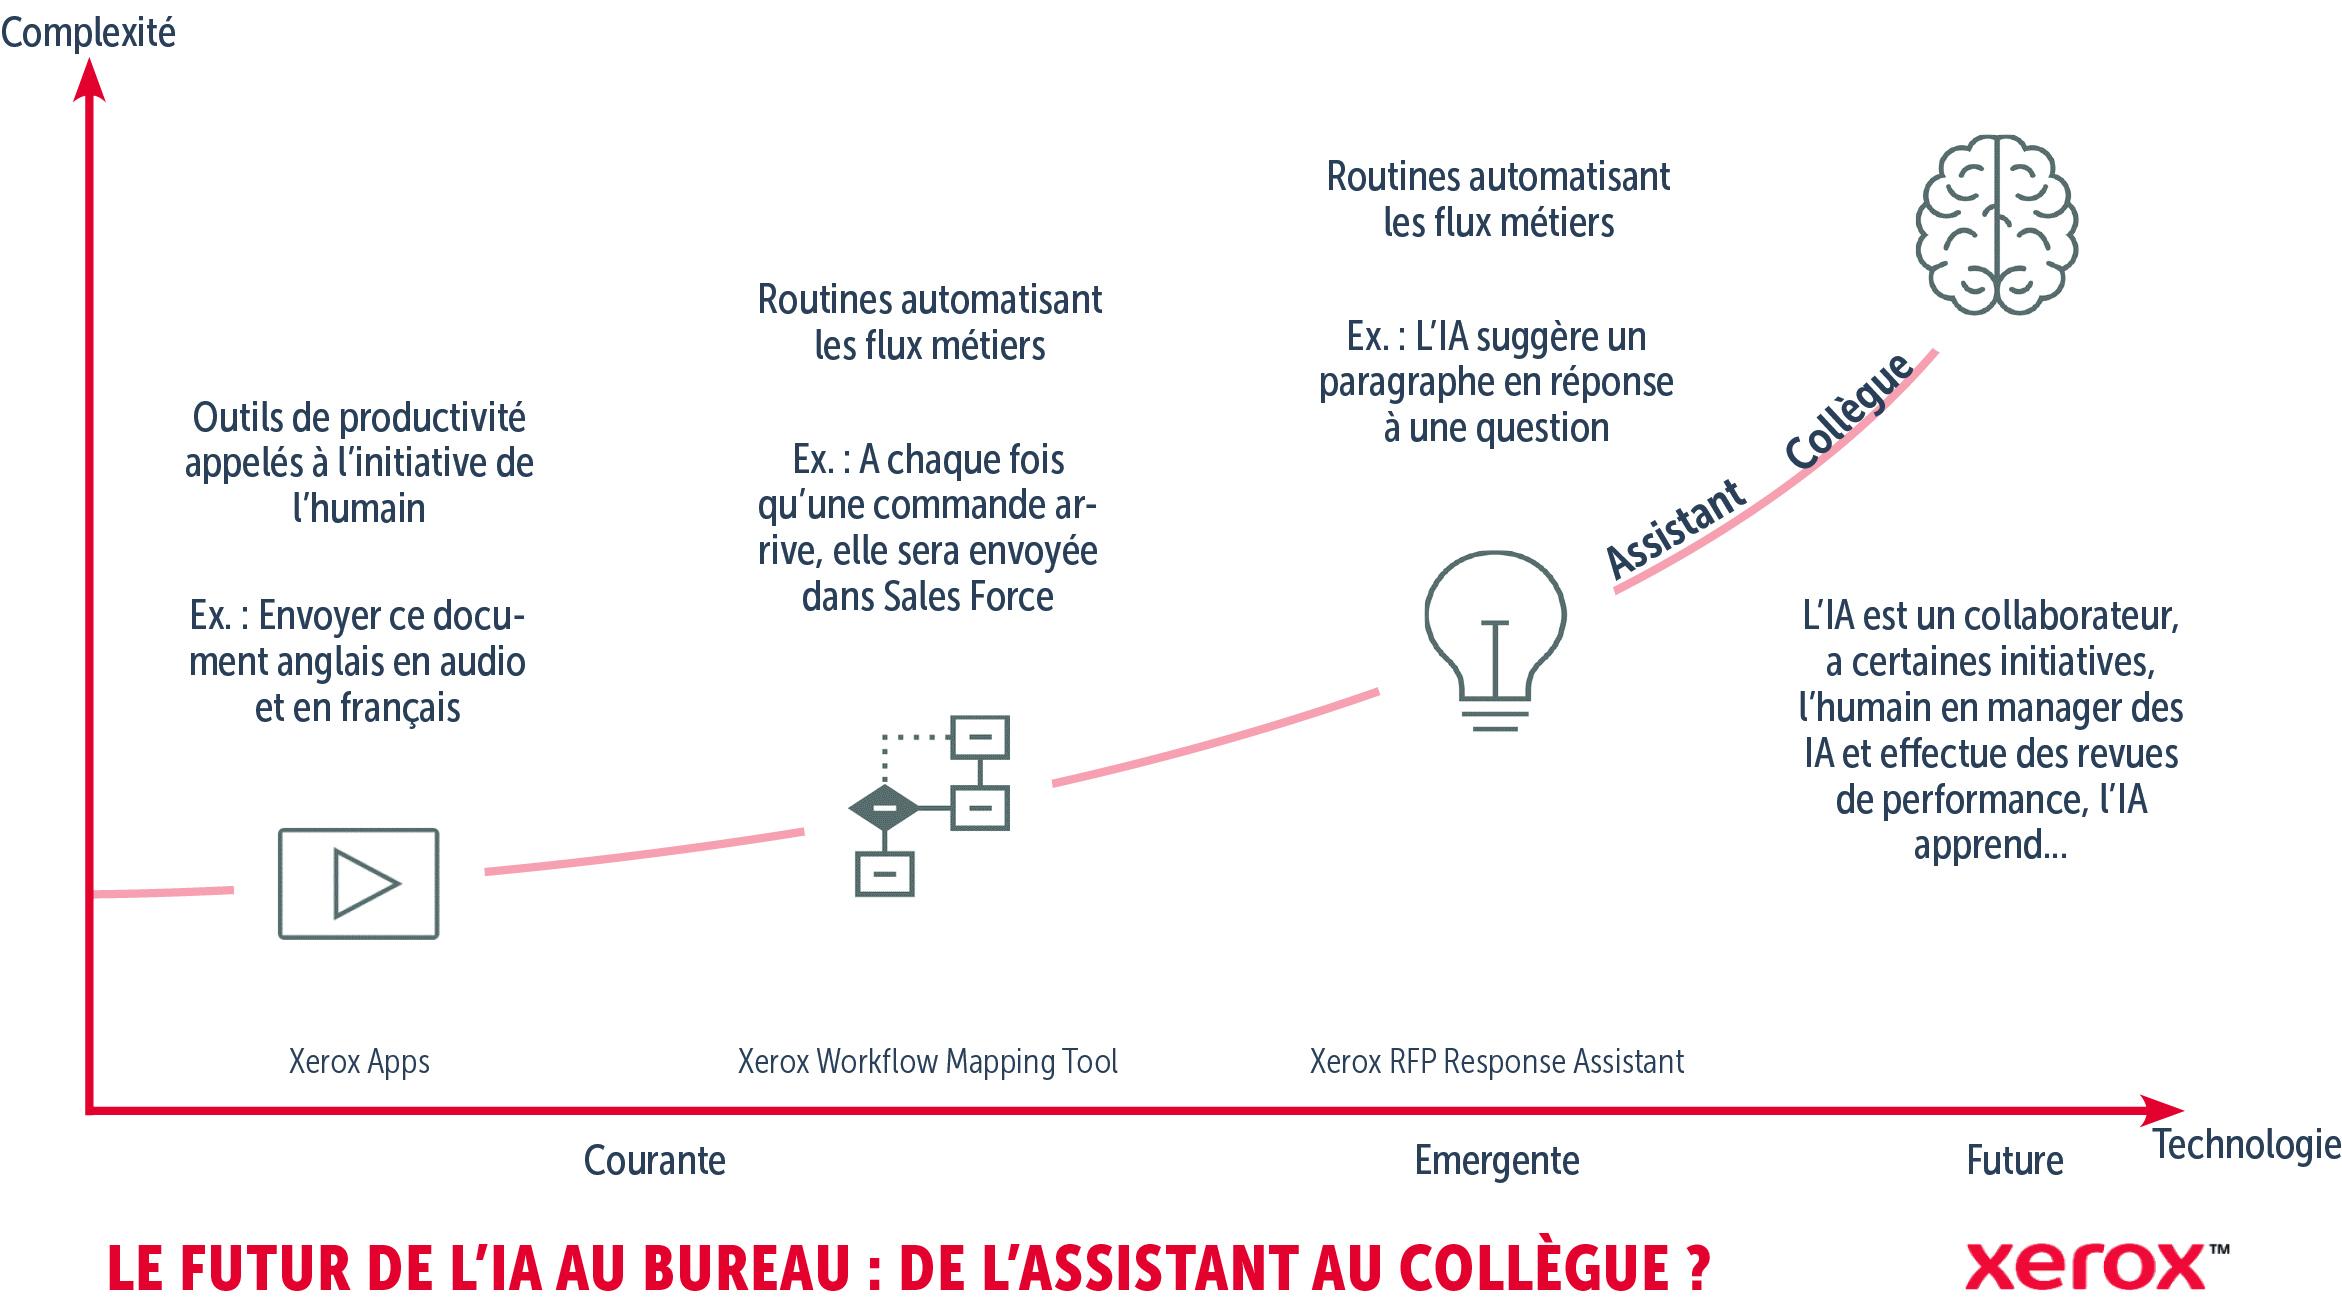 """Sur ce schéma de Xerox intitulé """"Le futur de l'IA au bureau, de l'assistant au collègue ?"""", on peut voir une courbe ascendante en terme de complexité de la technologie. Elle représente l'évolution de l'intelligence artificielle au travail et son évolution dans l'accompagnement de l'humain. Ce graphique propose quatre étapes : de l'outil de productivité utilisé à l'initiative de l'humain au véritable collègue que devient l'IA en passant par les routines qui automatisent les flux métiers."""